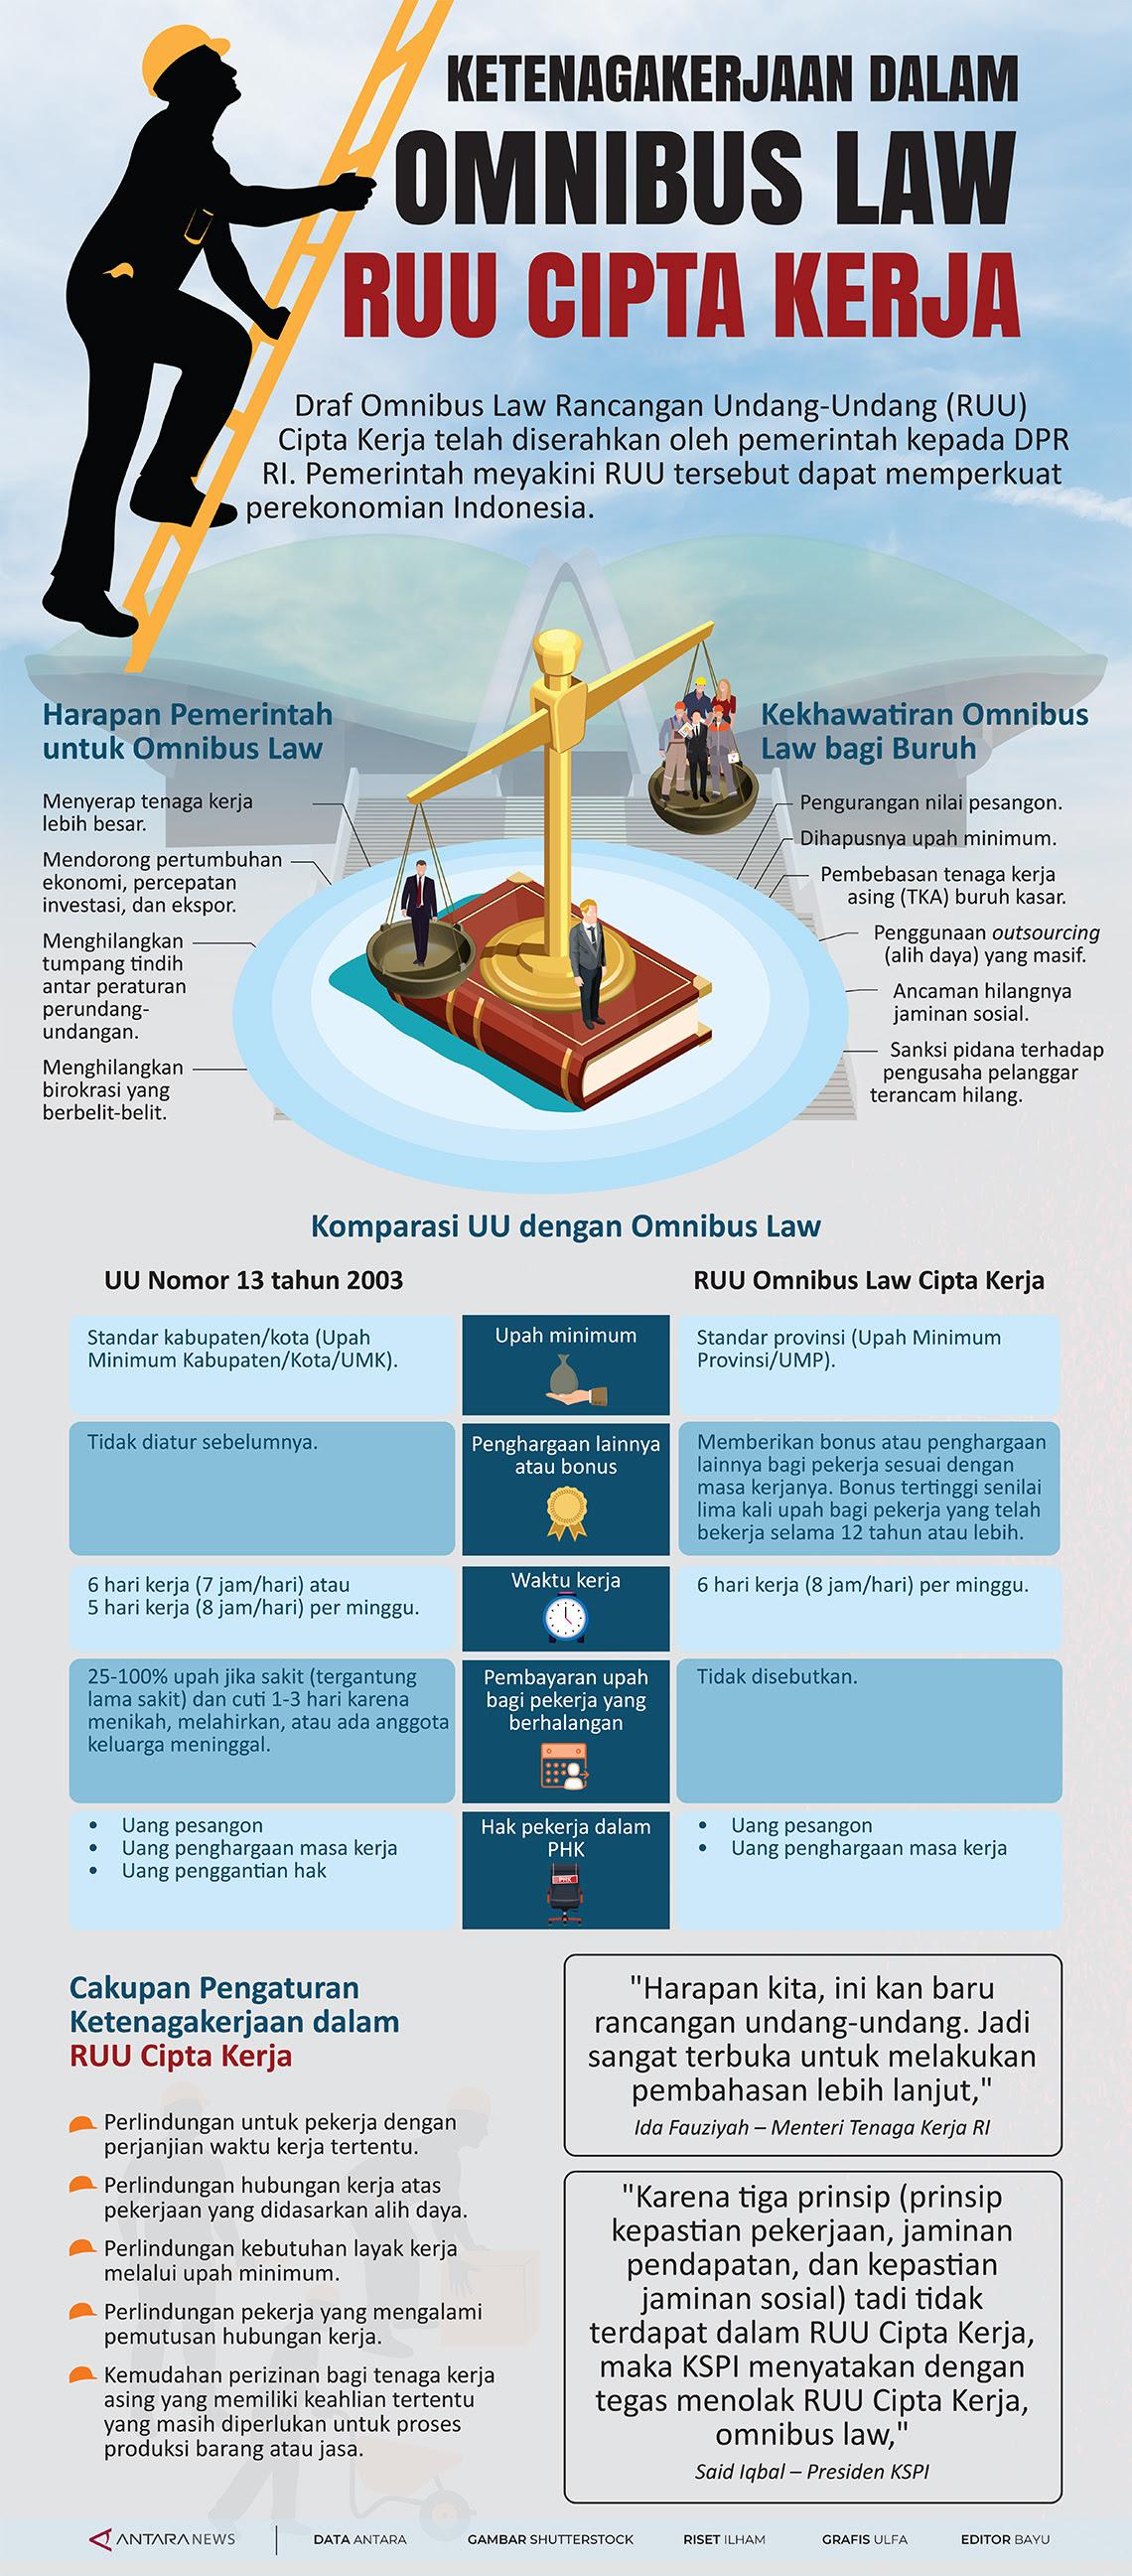 Ketenagakerjaan Dalam Omnibus Law Ruu Cipta Kerja Acehimage Com